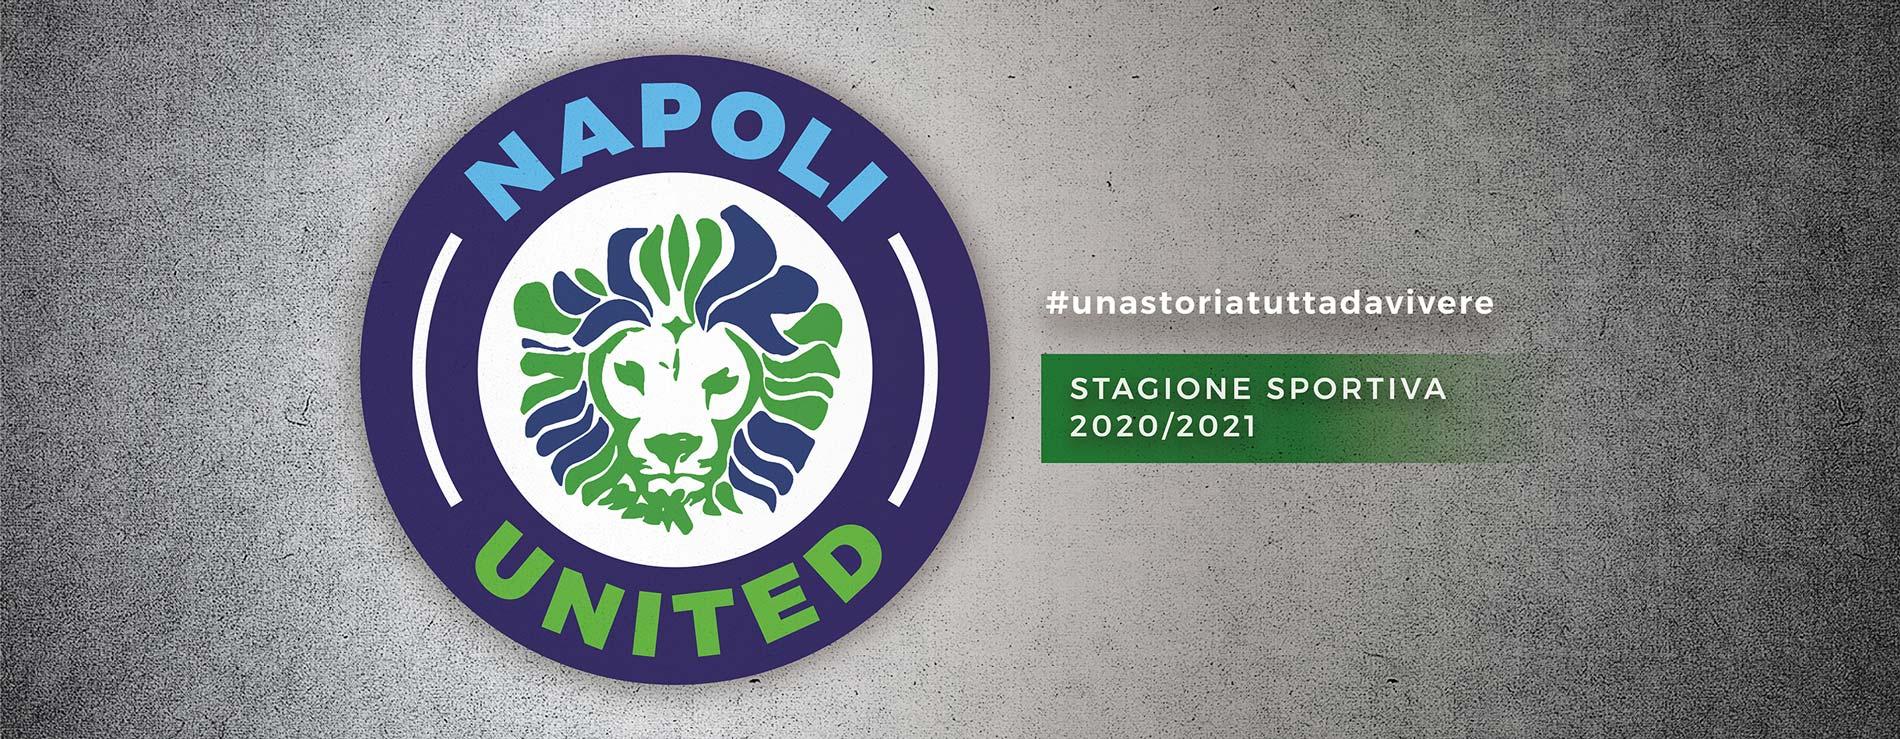 Napoli United - Una storia tutta da vivere